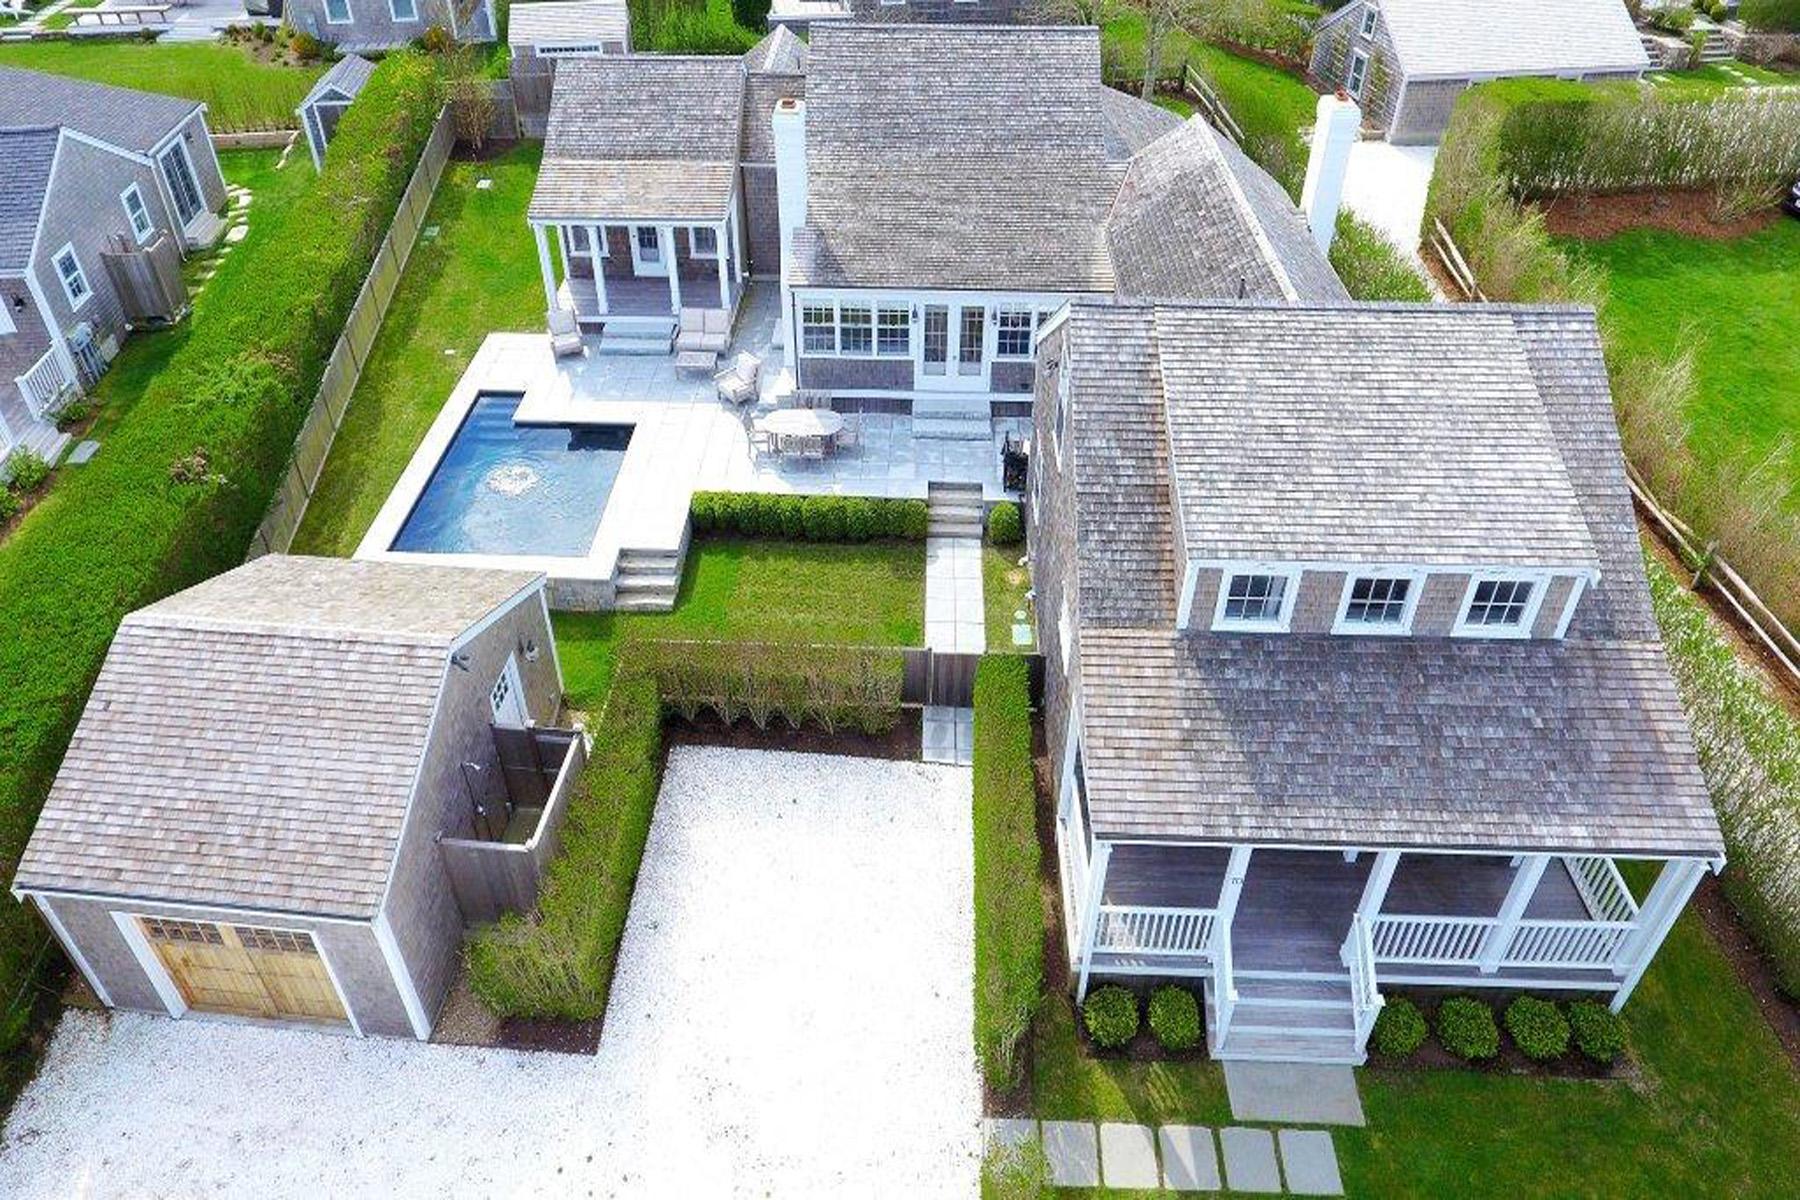 Частный односемейный дом для того Продажа на In the Heart of 'Sconset 10 Lincoln Street Siasconset, Массачусетс, 02564 Соединенные Штаты